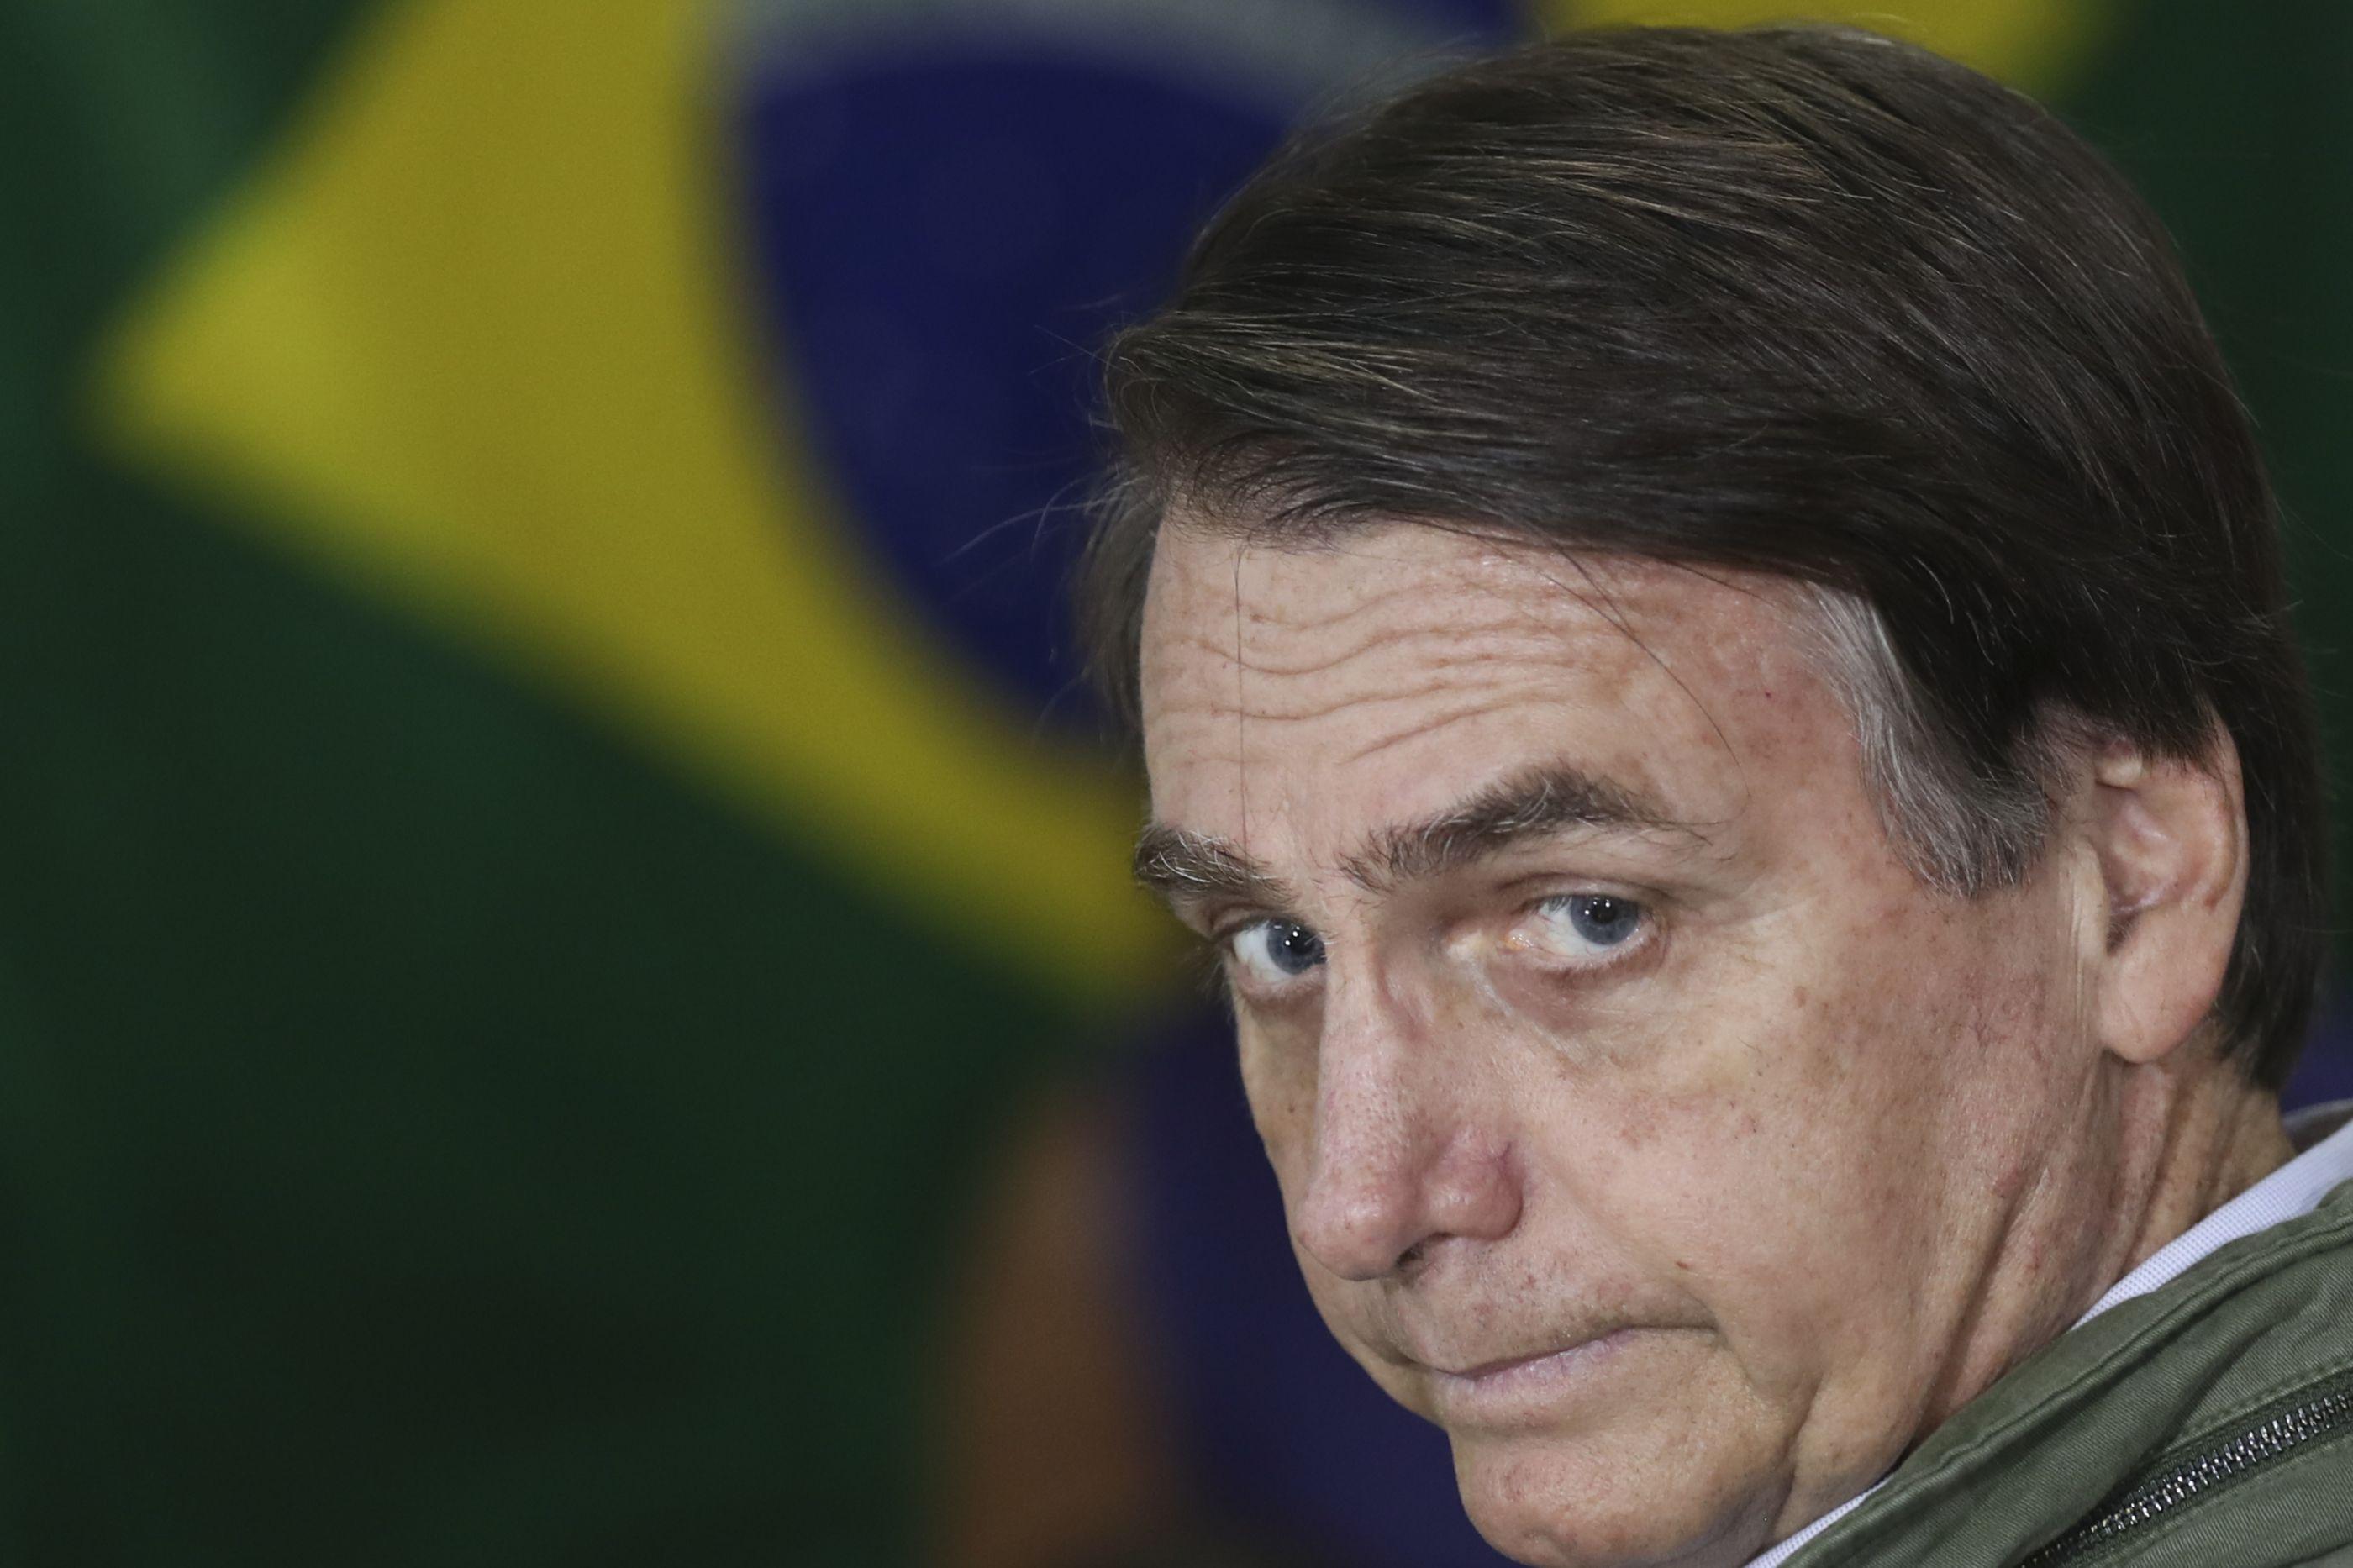 Bolsonaro divulga vídeo obsceno sobre Carnaval. Criticado, reage assim